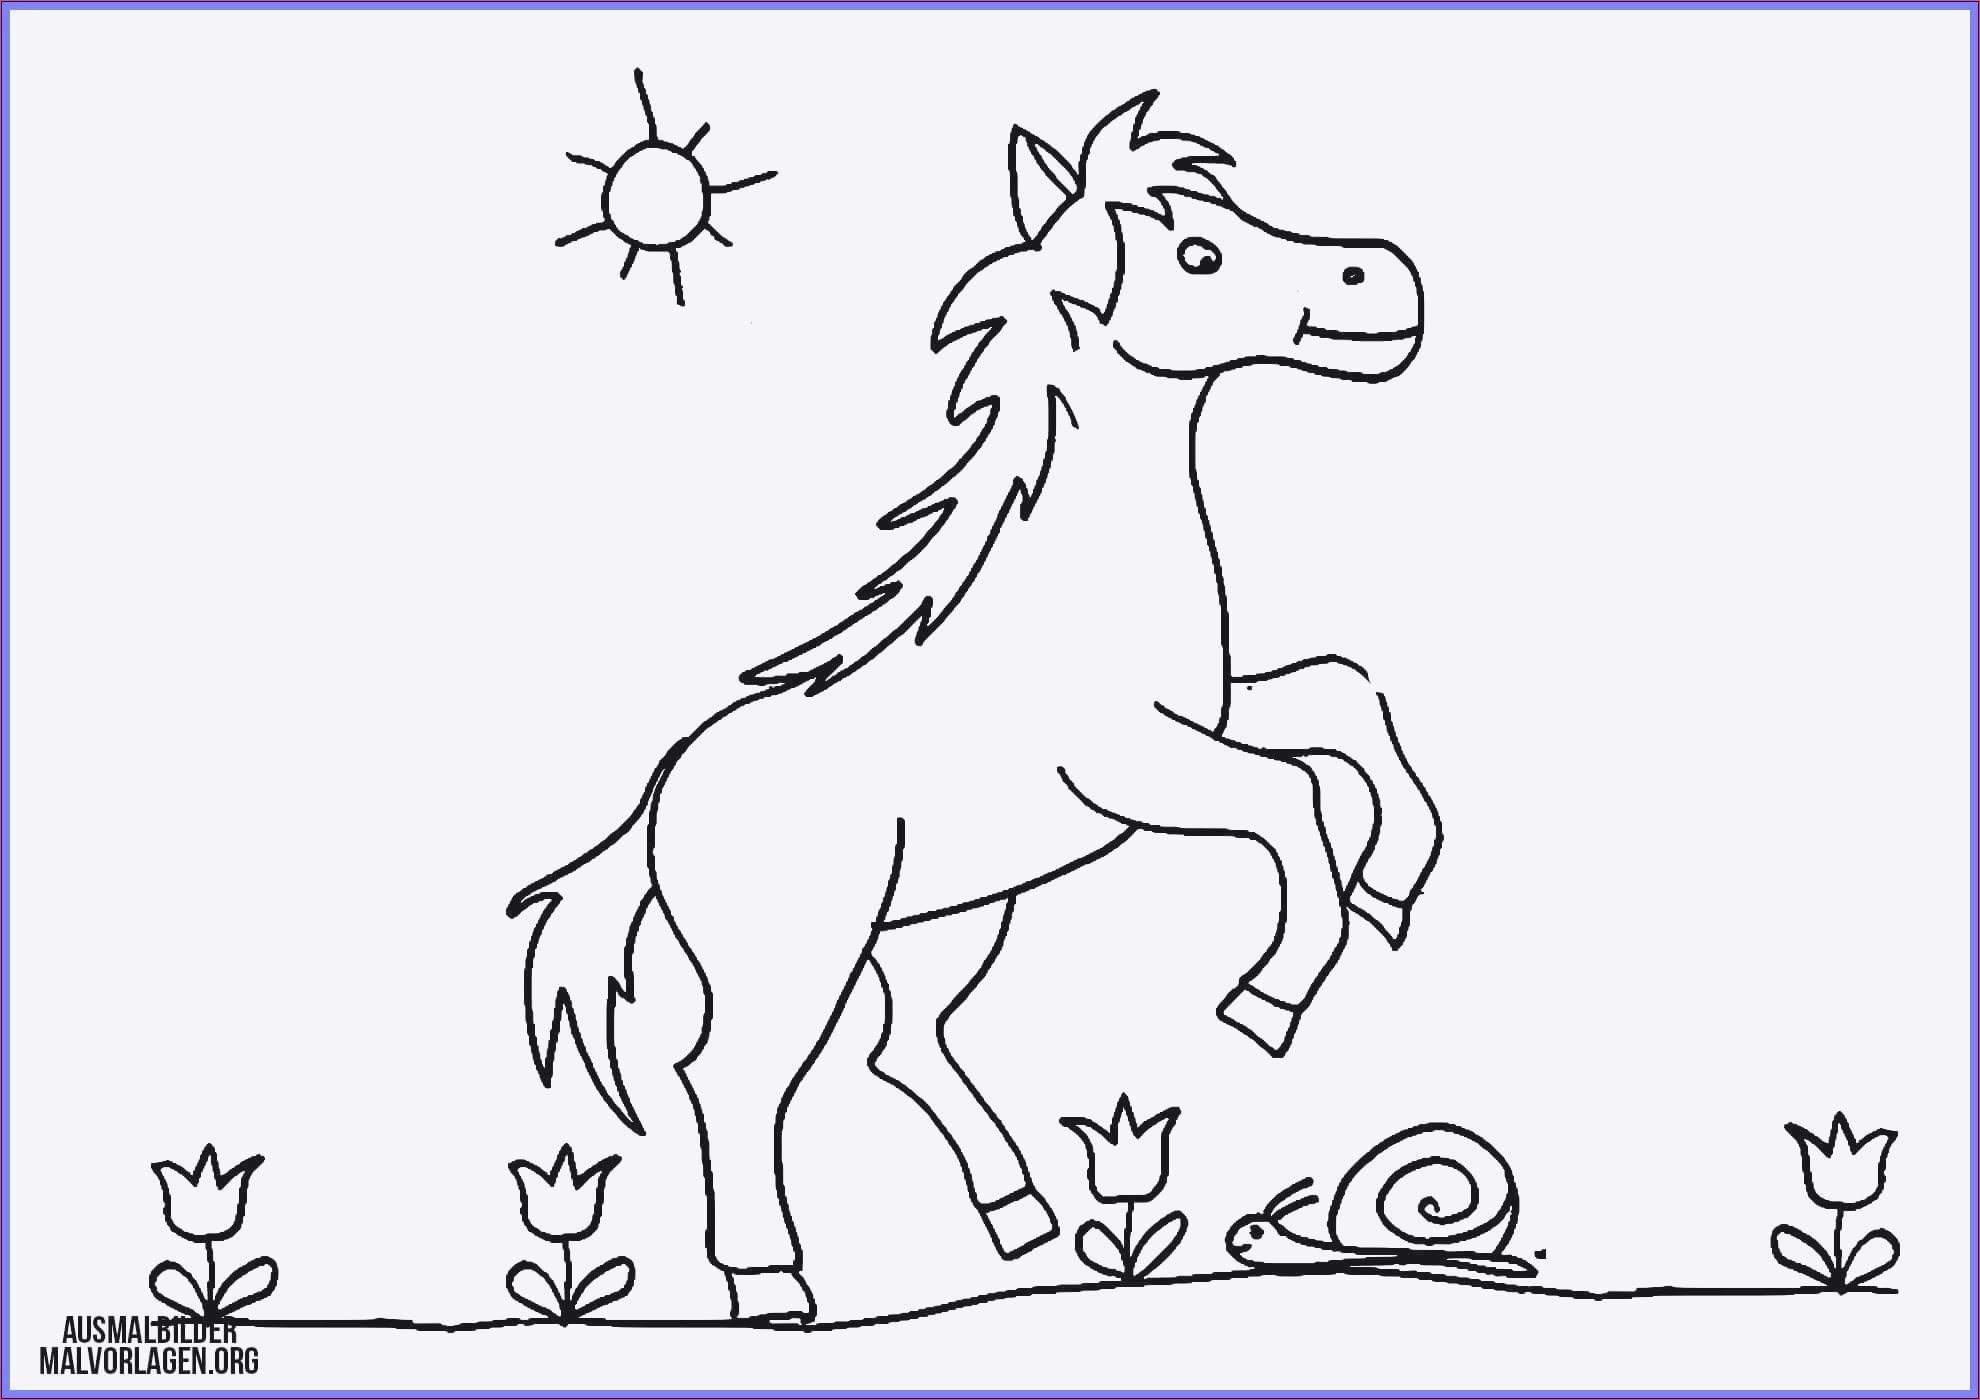 Pferde Bilder Zum Ausdrucken Neu Malvorlagen Igel Best Igel Grundschule 0d Archives Uploadertalk Sammlung